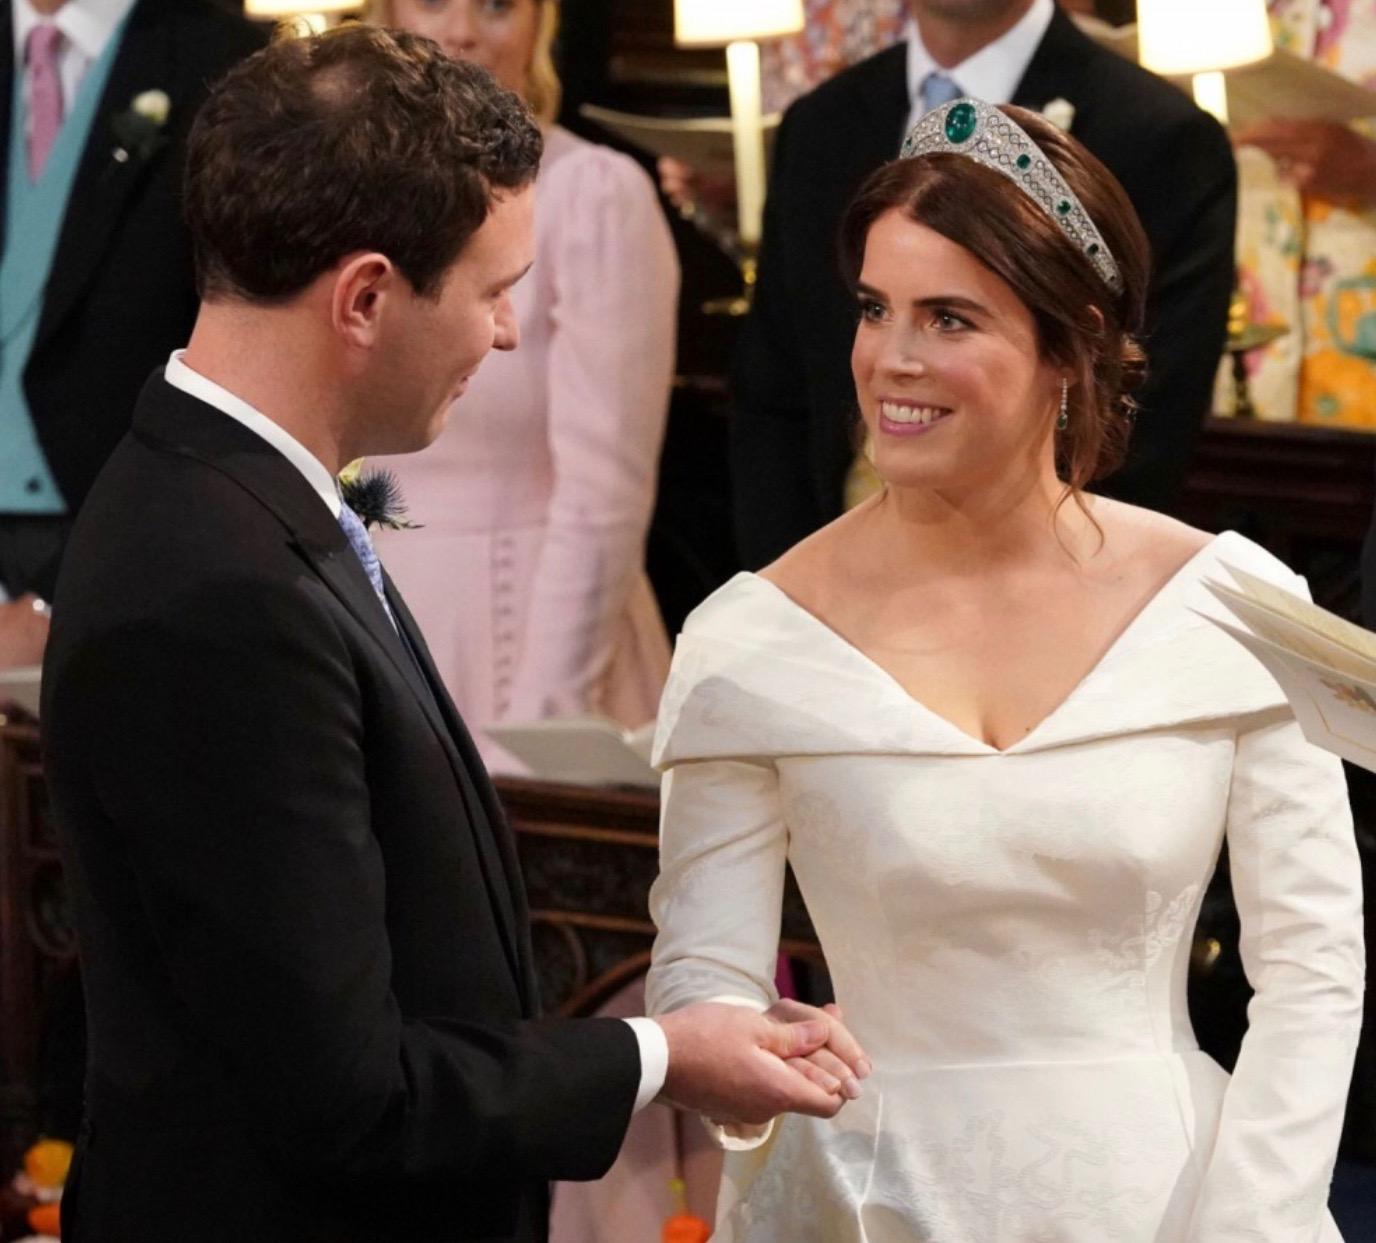 Le champagne Pol Roger de nouveau choisi pour un mariage royal anglais.